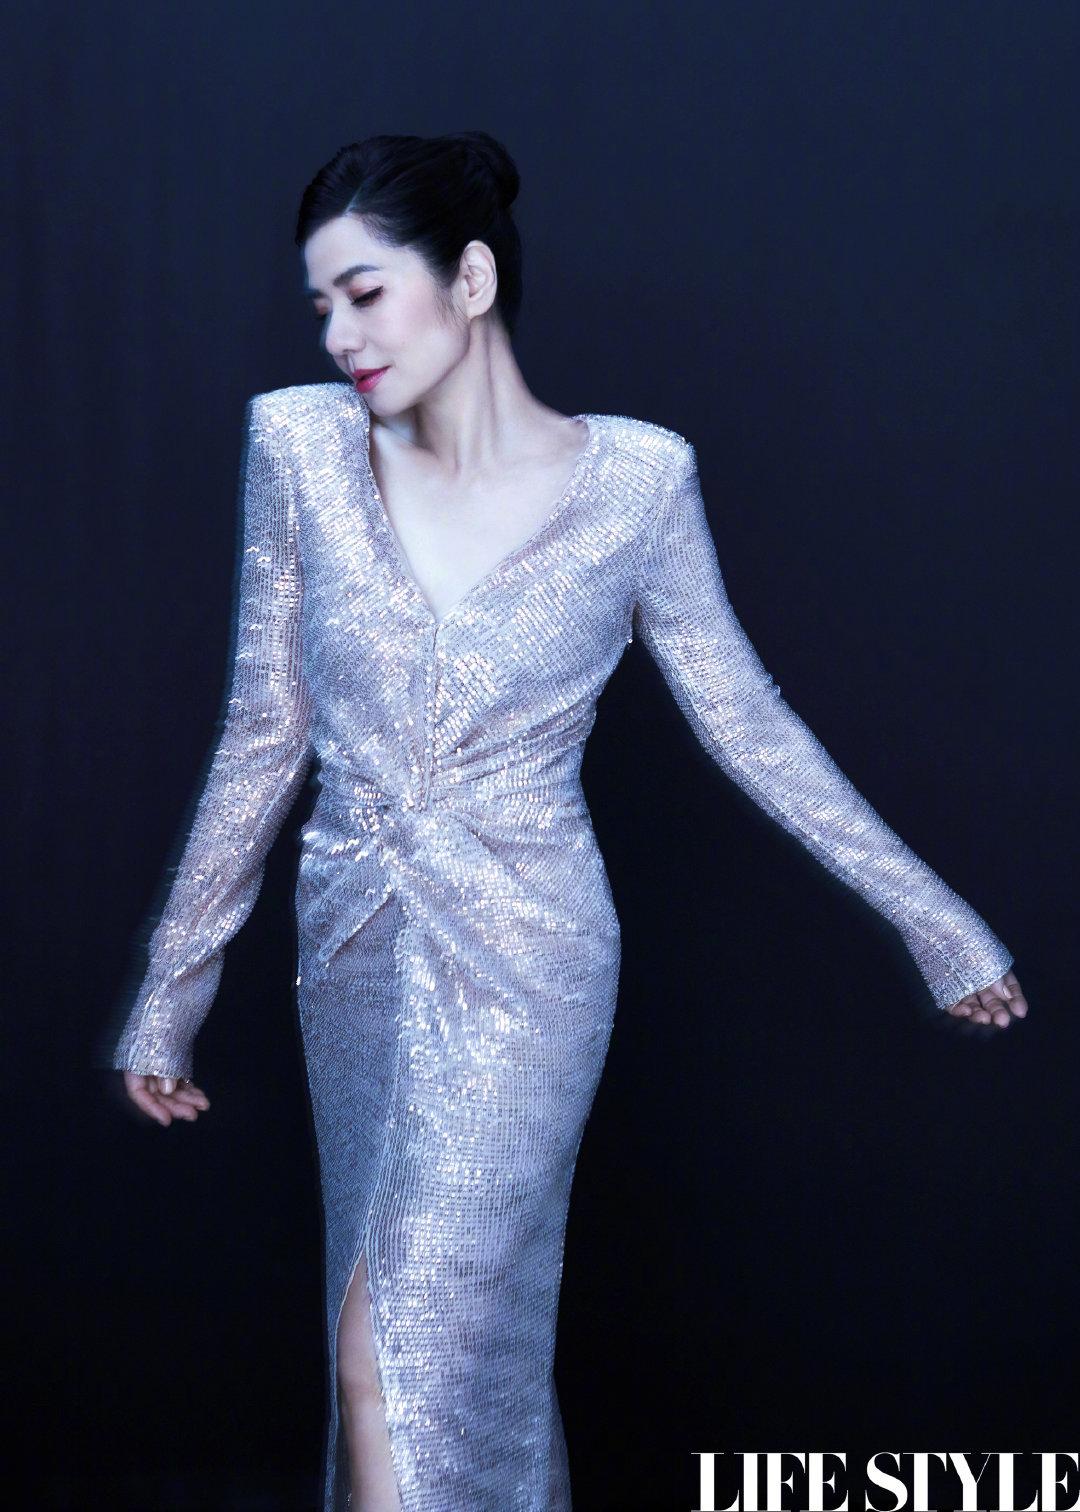 59岁钟楚红身穿银色长裙身姿曼妙,网友大赞岁月不败美人